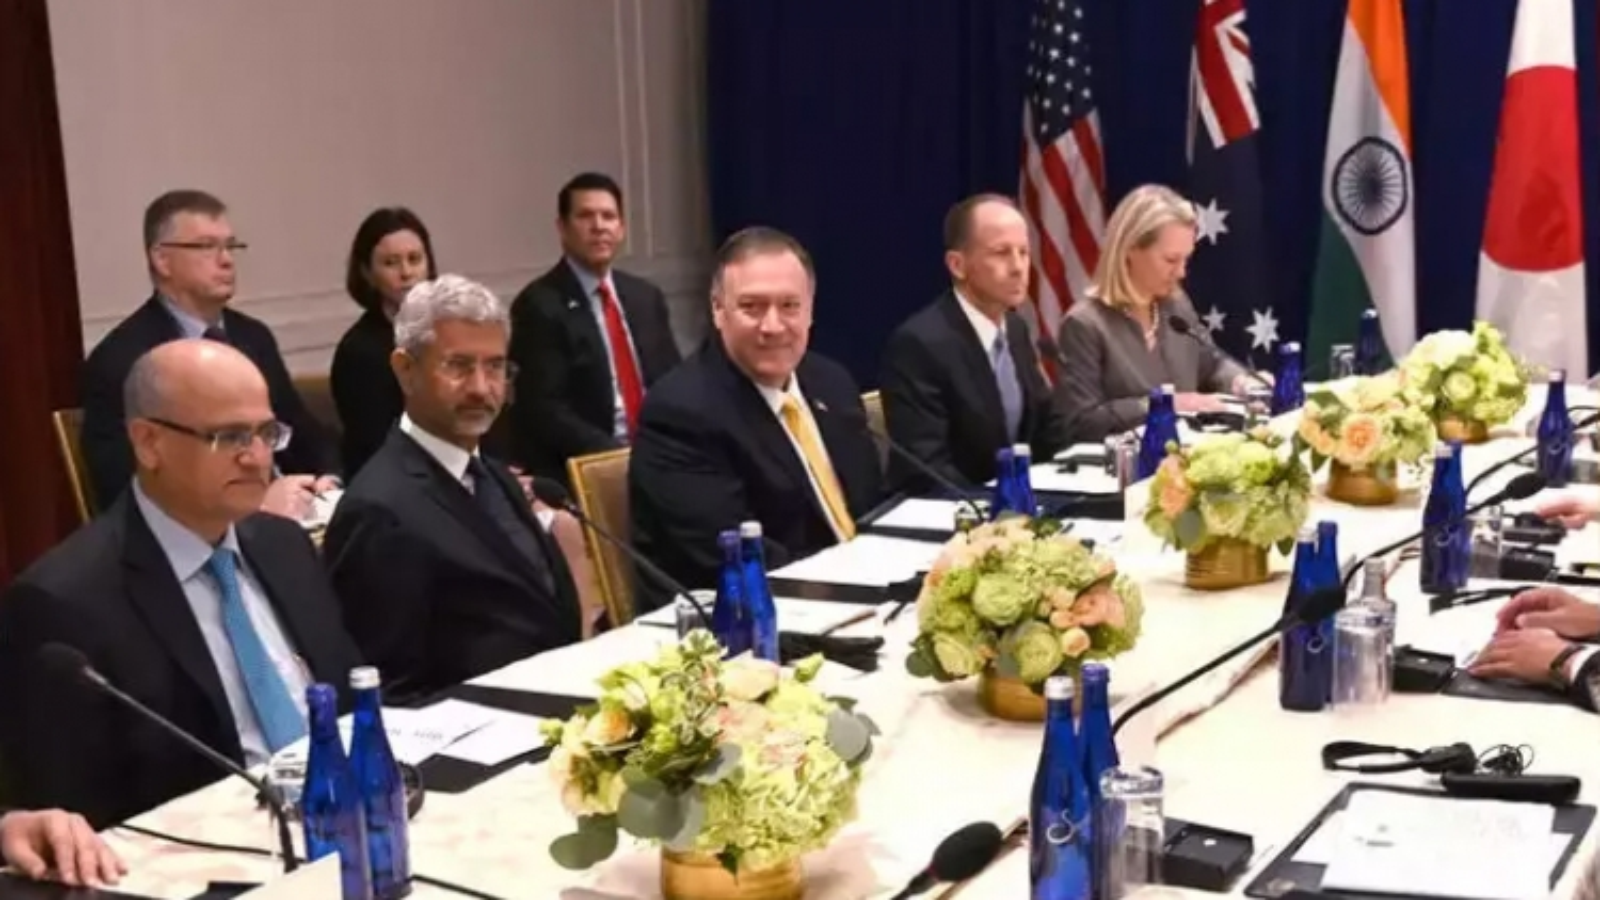 Việt Nam nói gì khi Mỹ gợi ý QUAD nên tăng cường hợp tác với ASEAN?